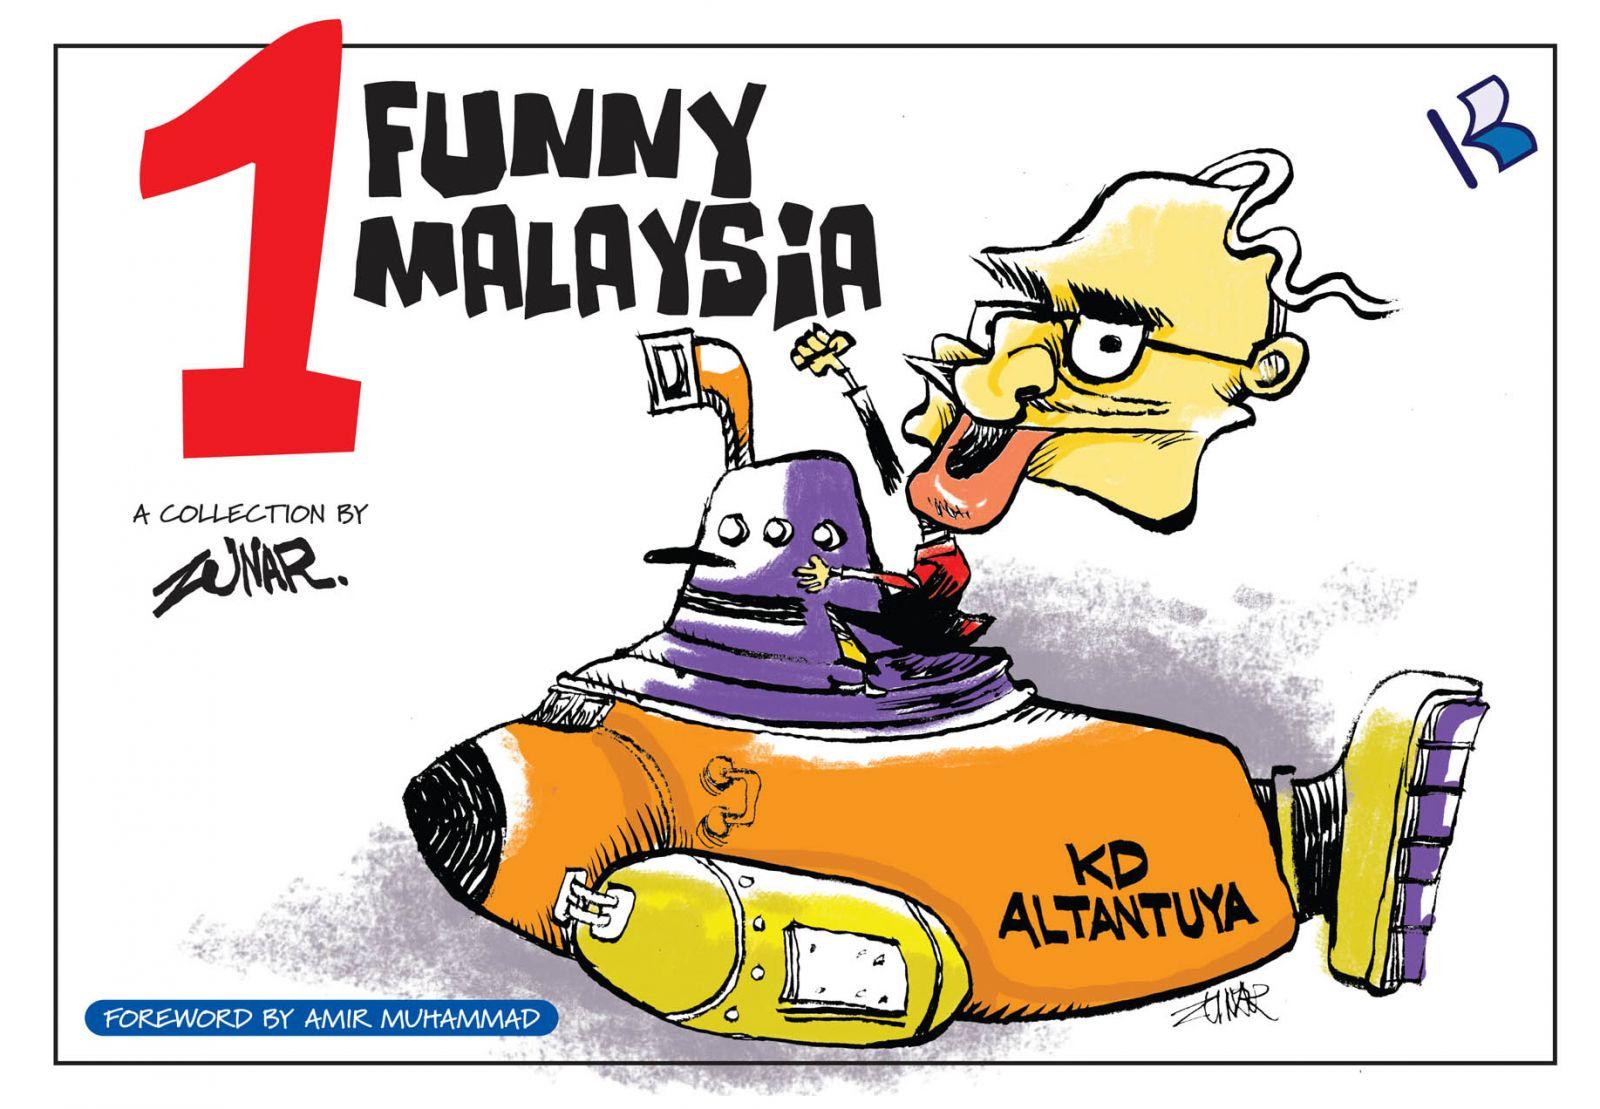 Malaysian Federal Court confirms lifting cartoon ban